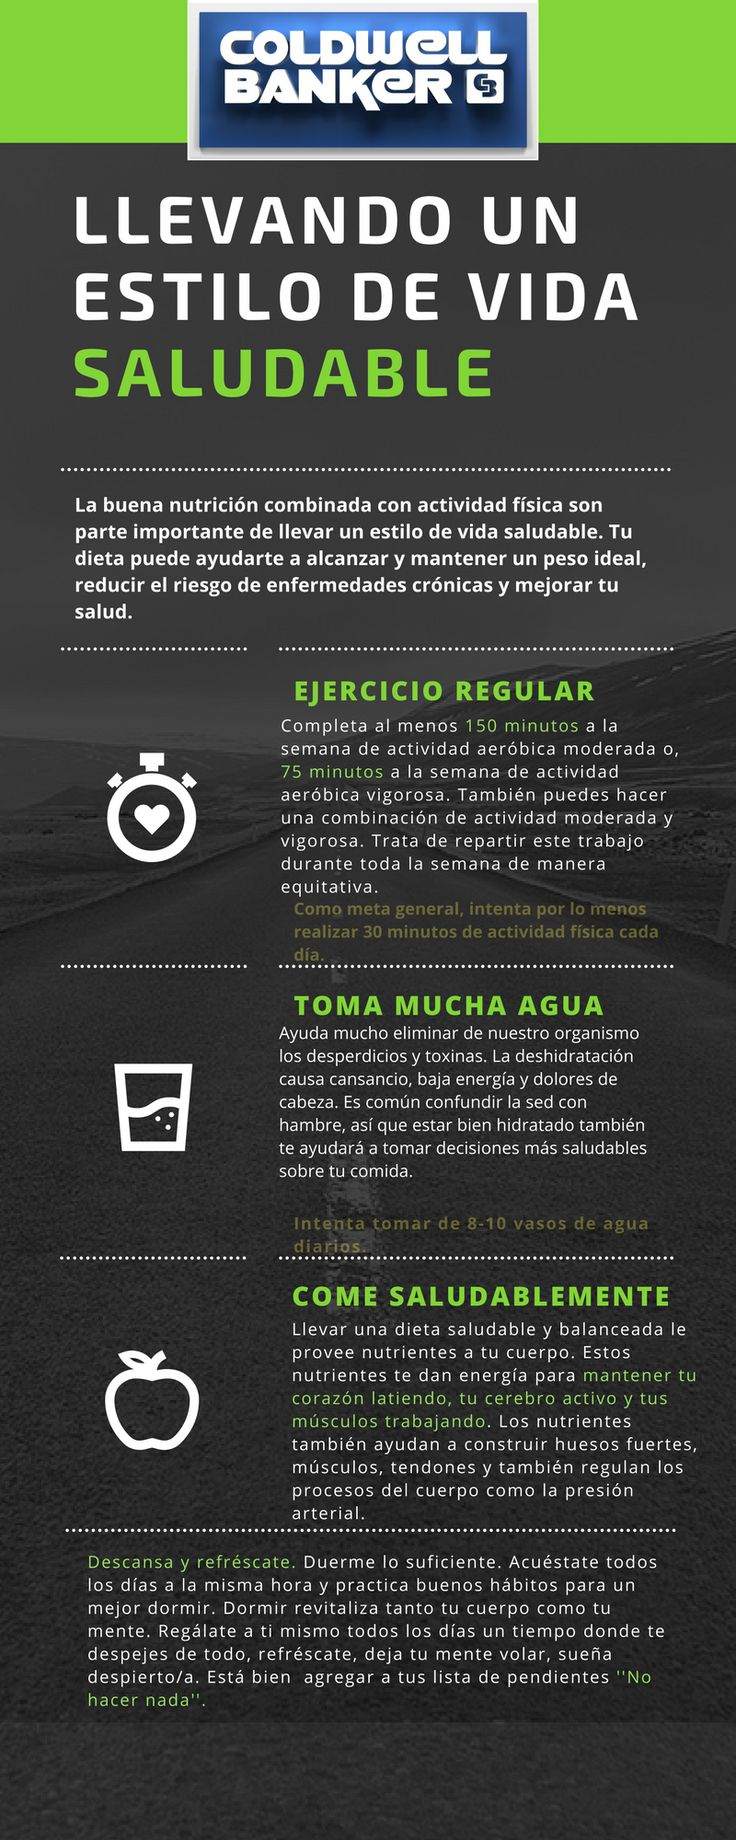 Sigue estos consejos que Coldwell Banker te da, podrás llevar una vida más sana y saludable. #lainmobiliariaazul #cbcolombia #cuidatucuerpo